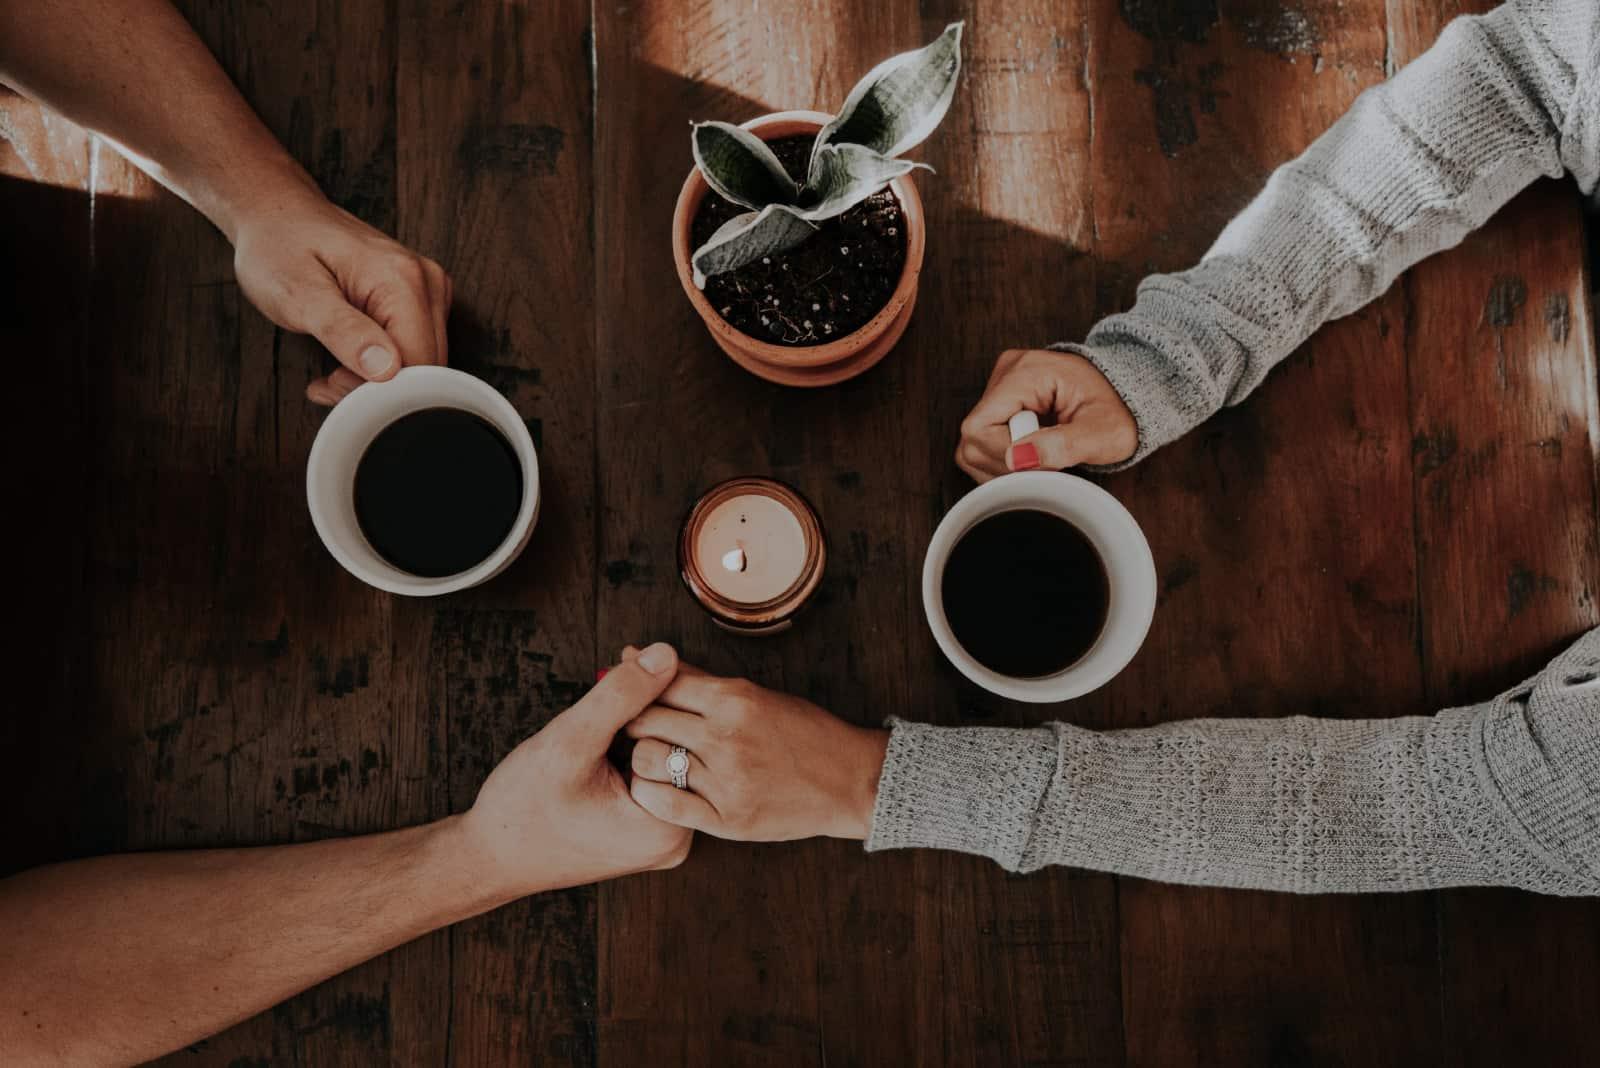 homme et femme se tenant la main en buvant du café